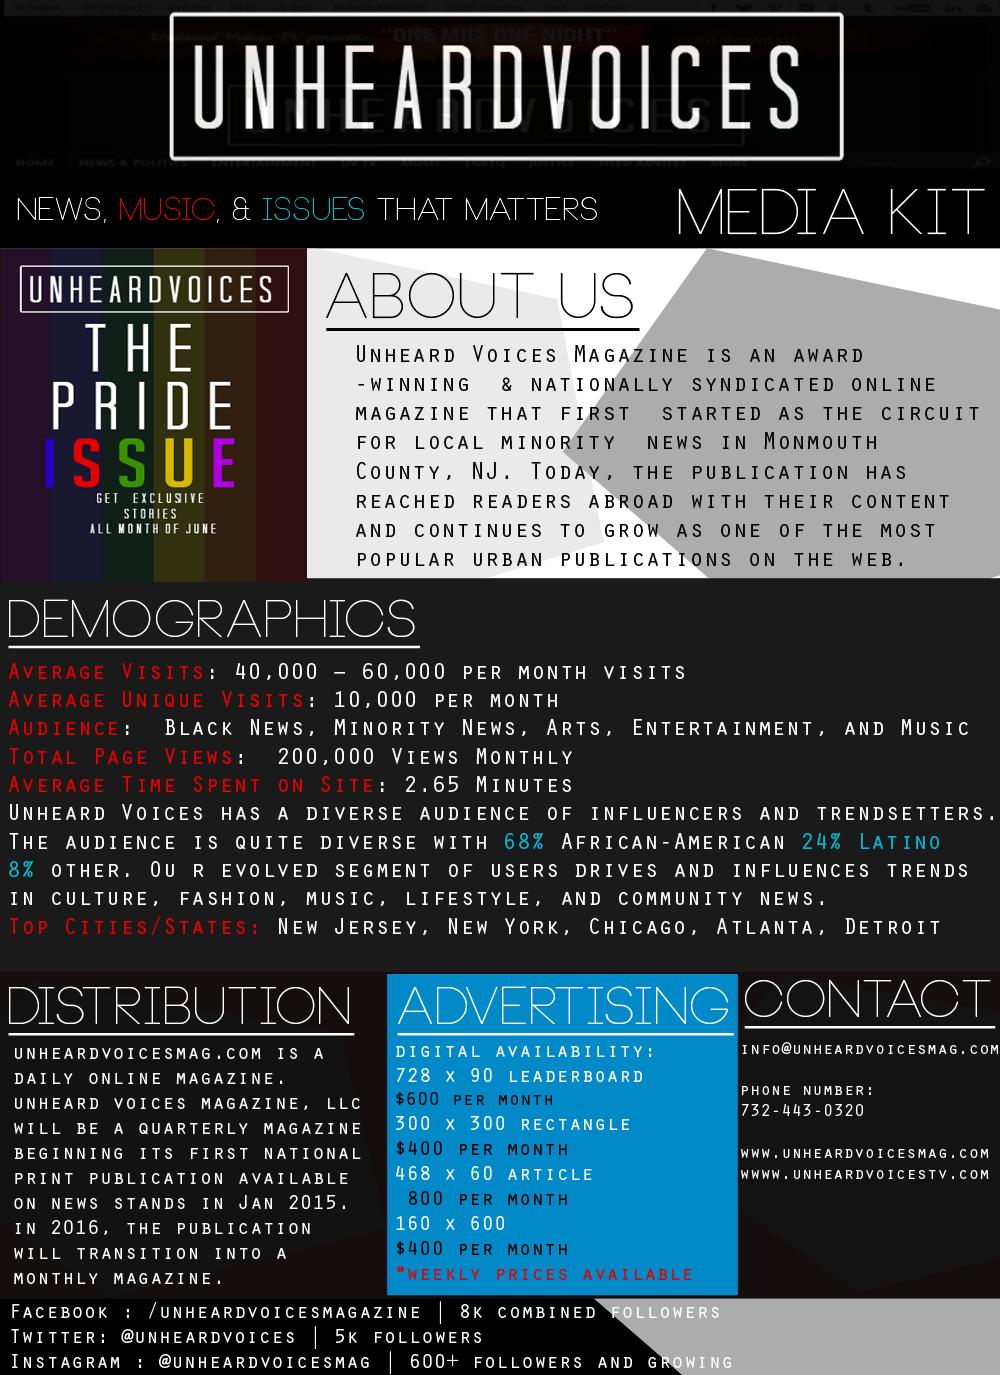 Unheard Voices Media Kit